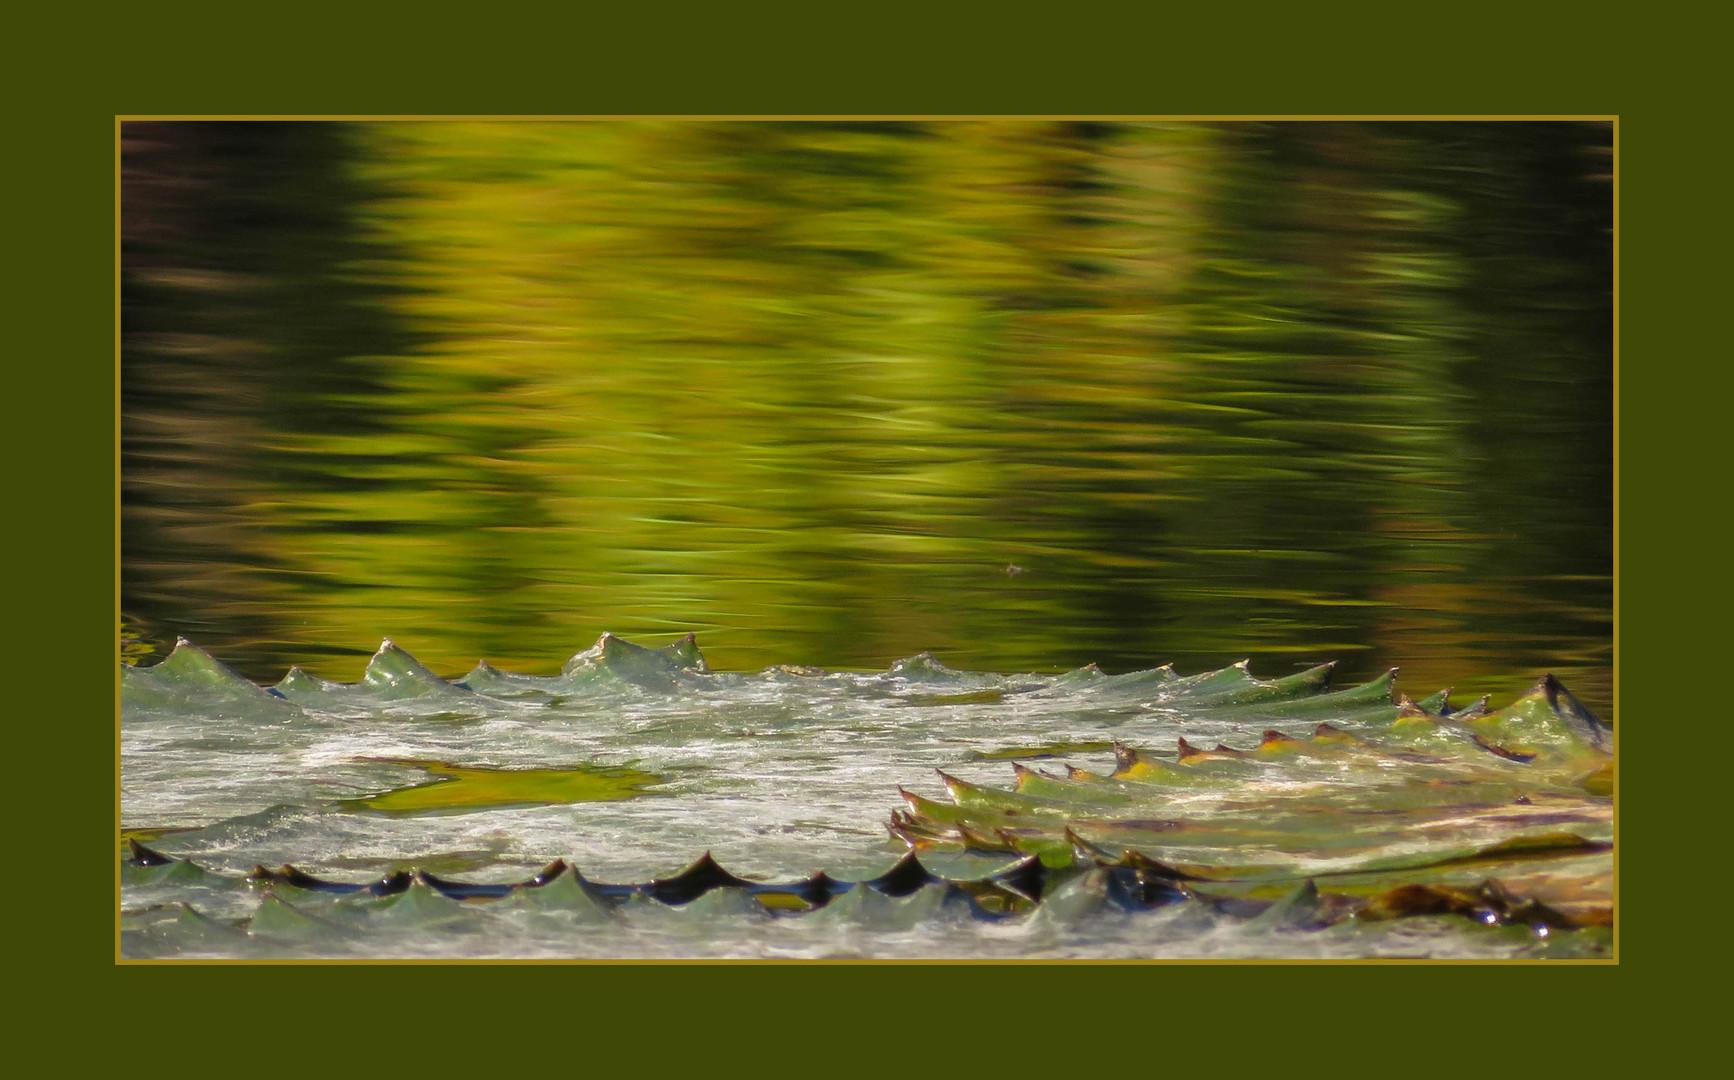 Farbrausch im Wasser